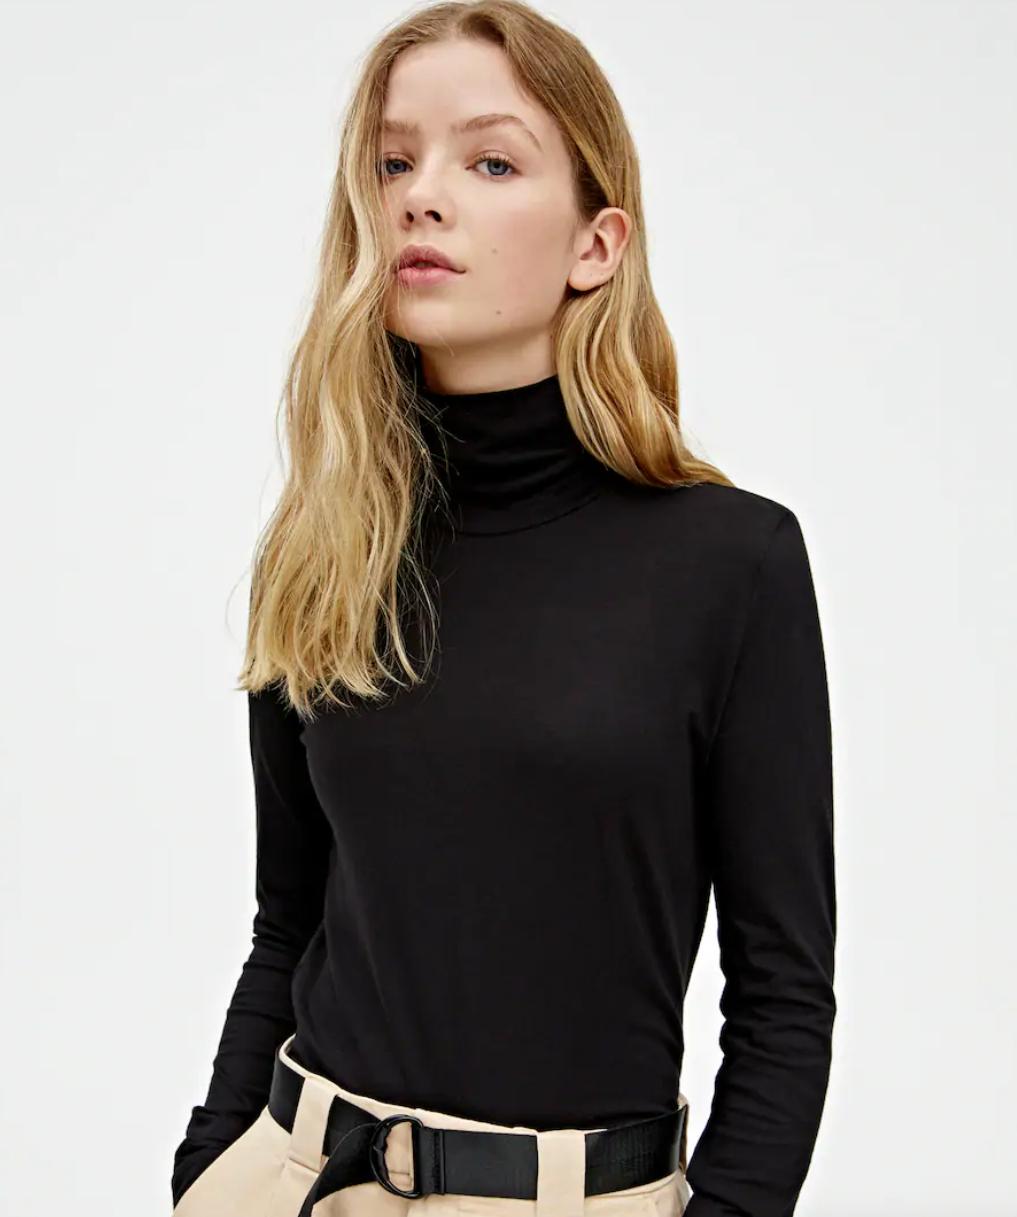 Camiseta cuello alto Pull&Bear talla S